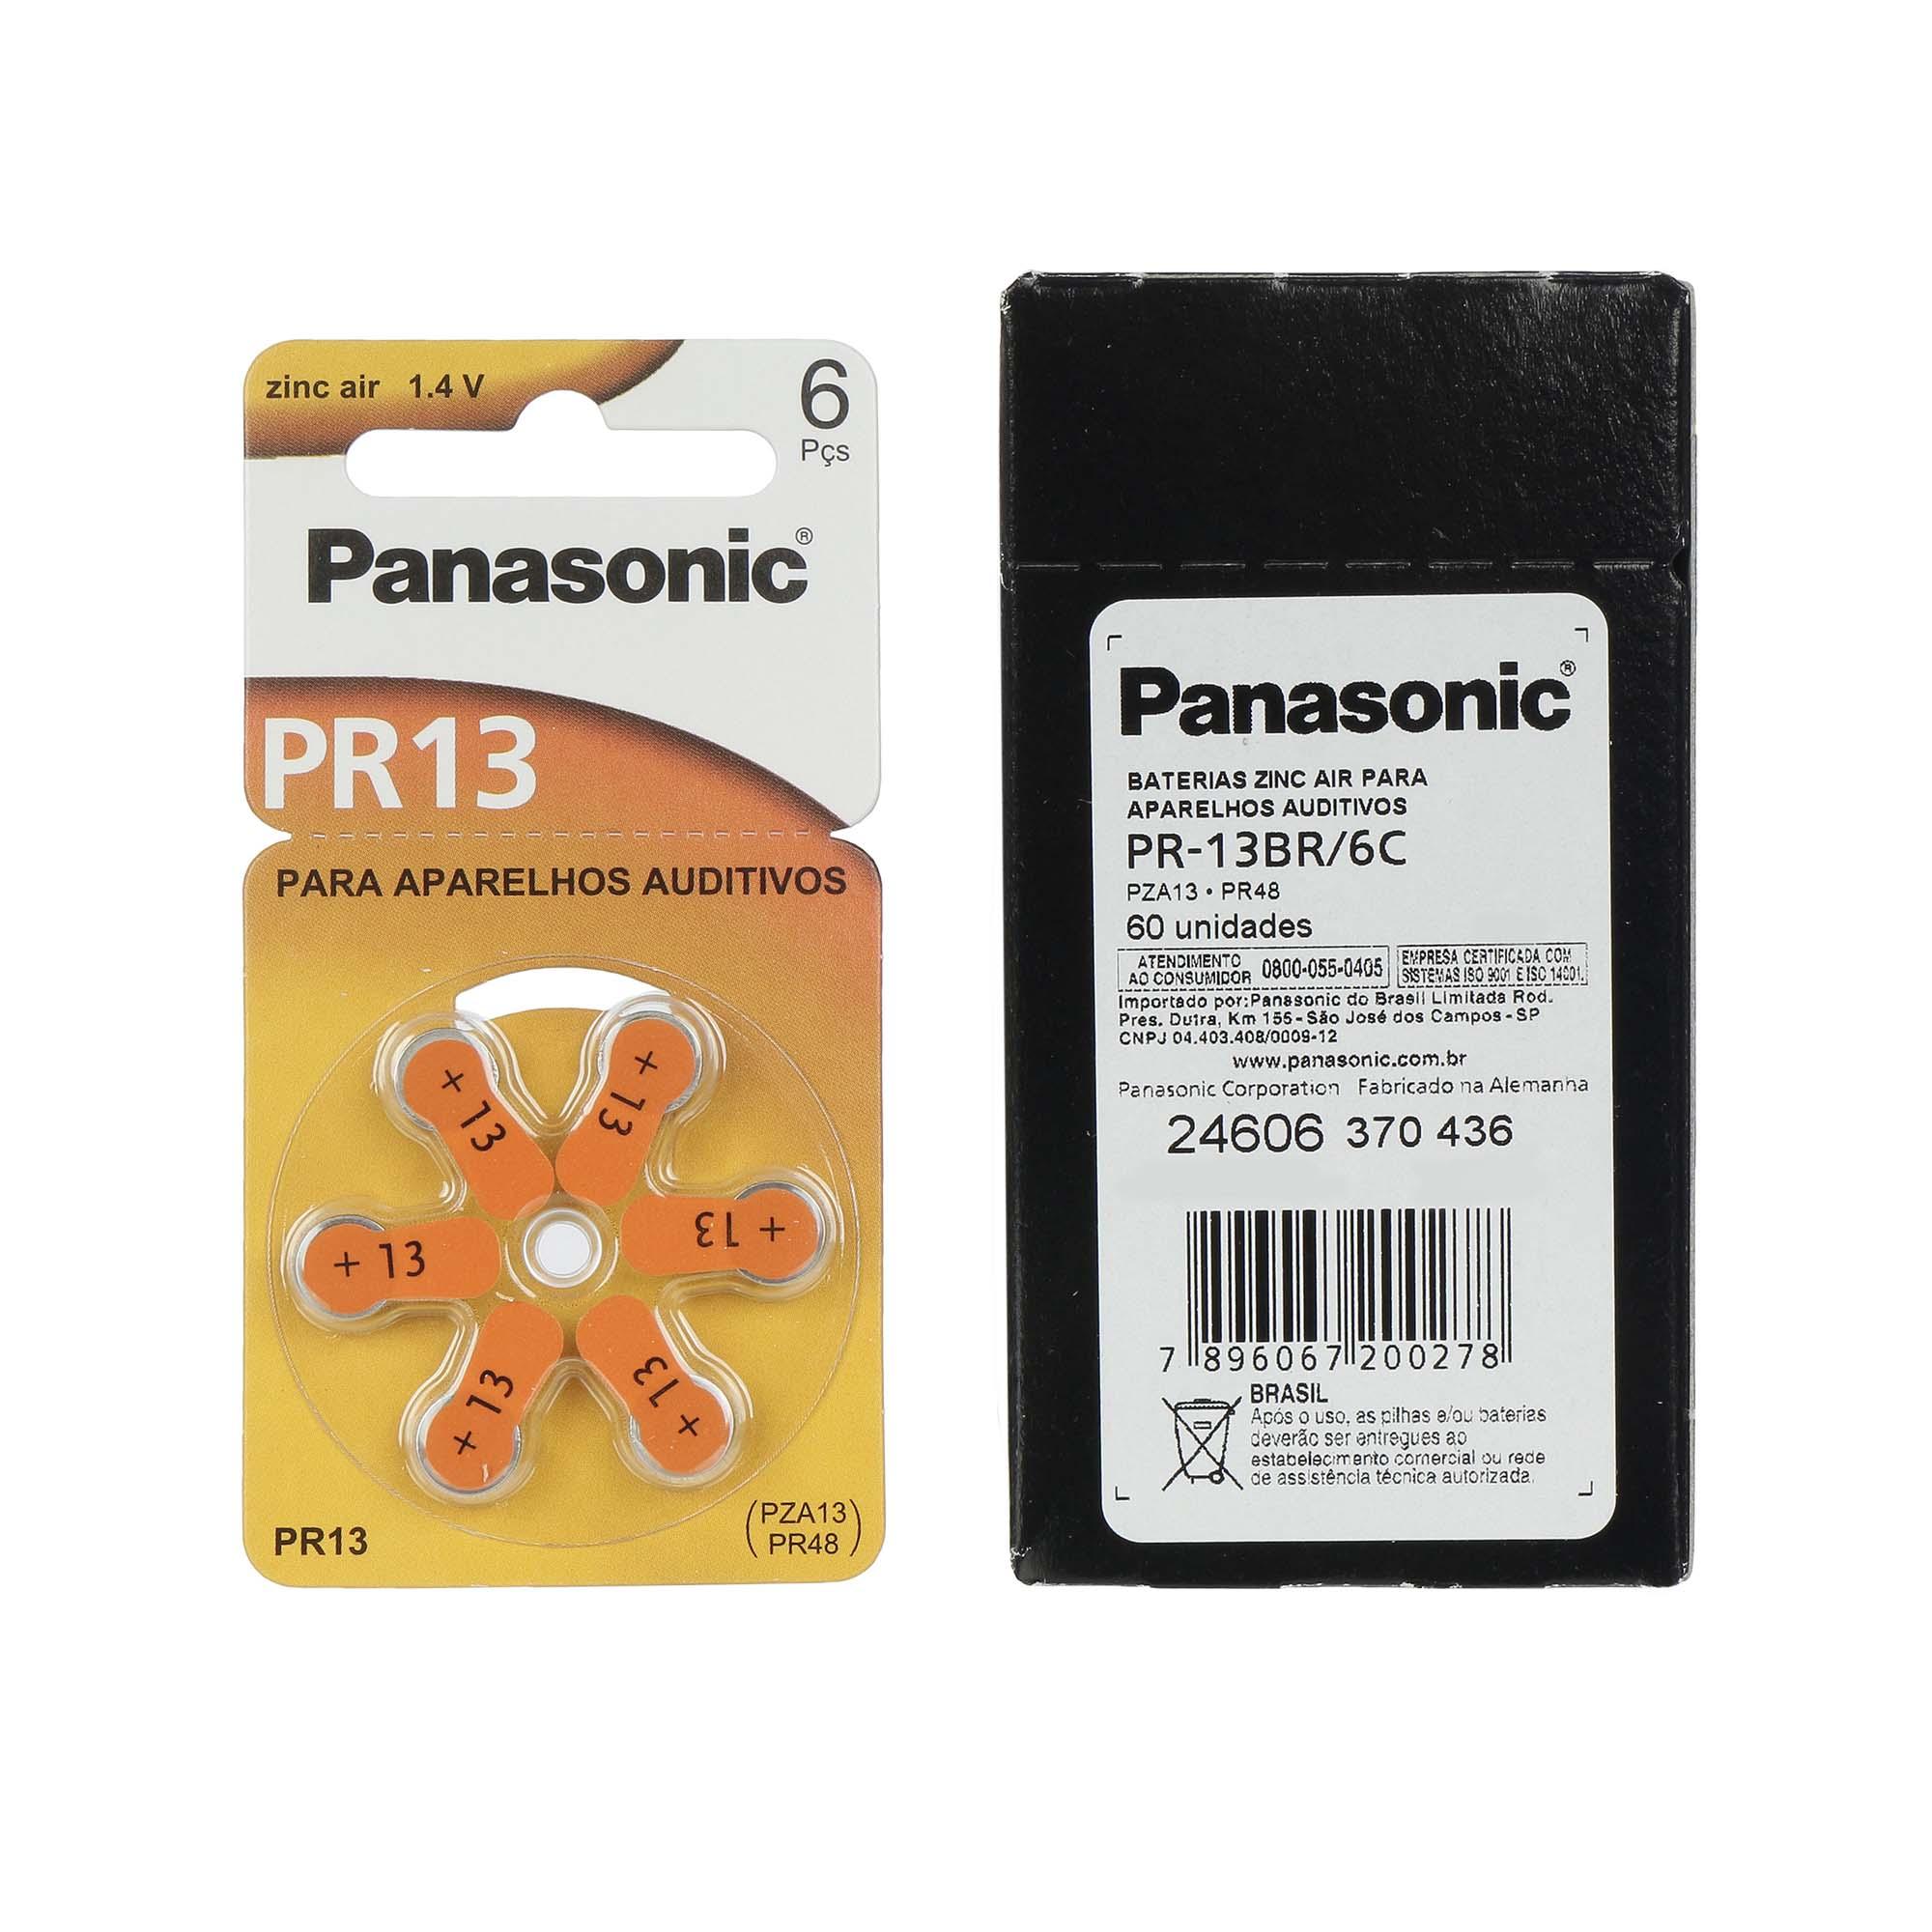 Panasonic PR13 / PR48  - 10 Cartelas - 60 Baterias para Aparelho Auditivo